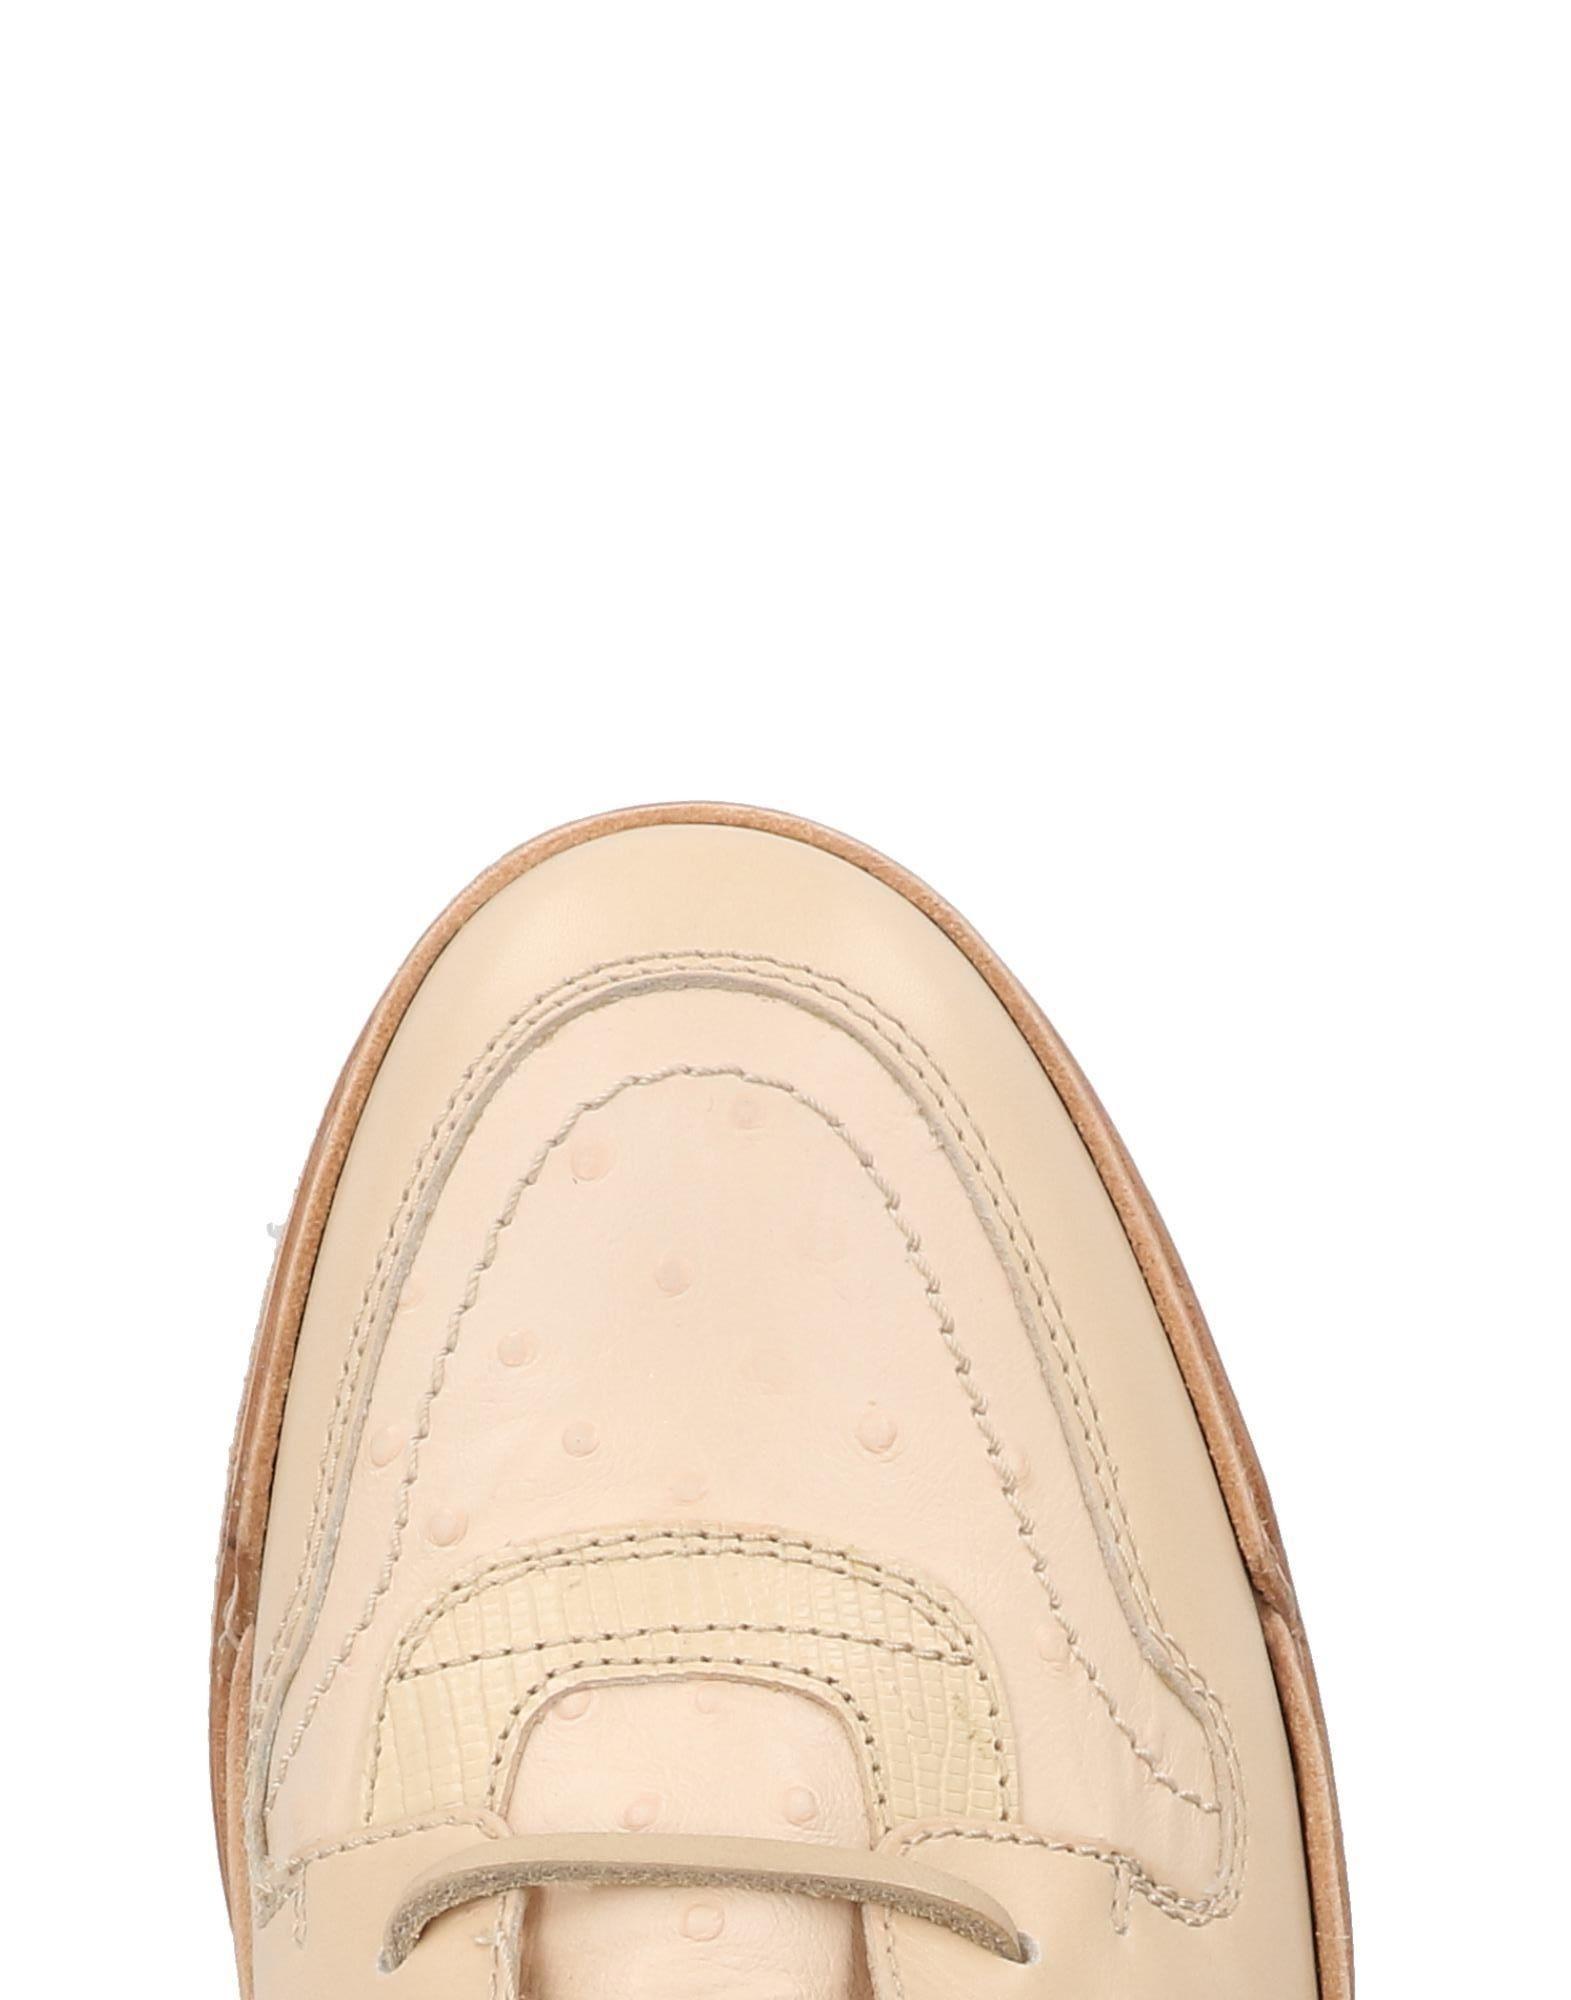 Versace Versace  Sneakers Herren  11195399QF c1f354